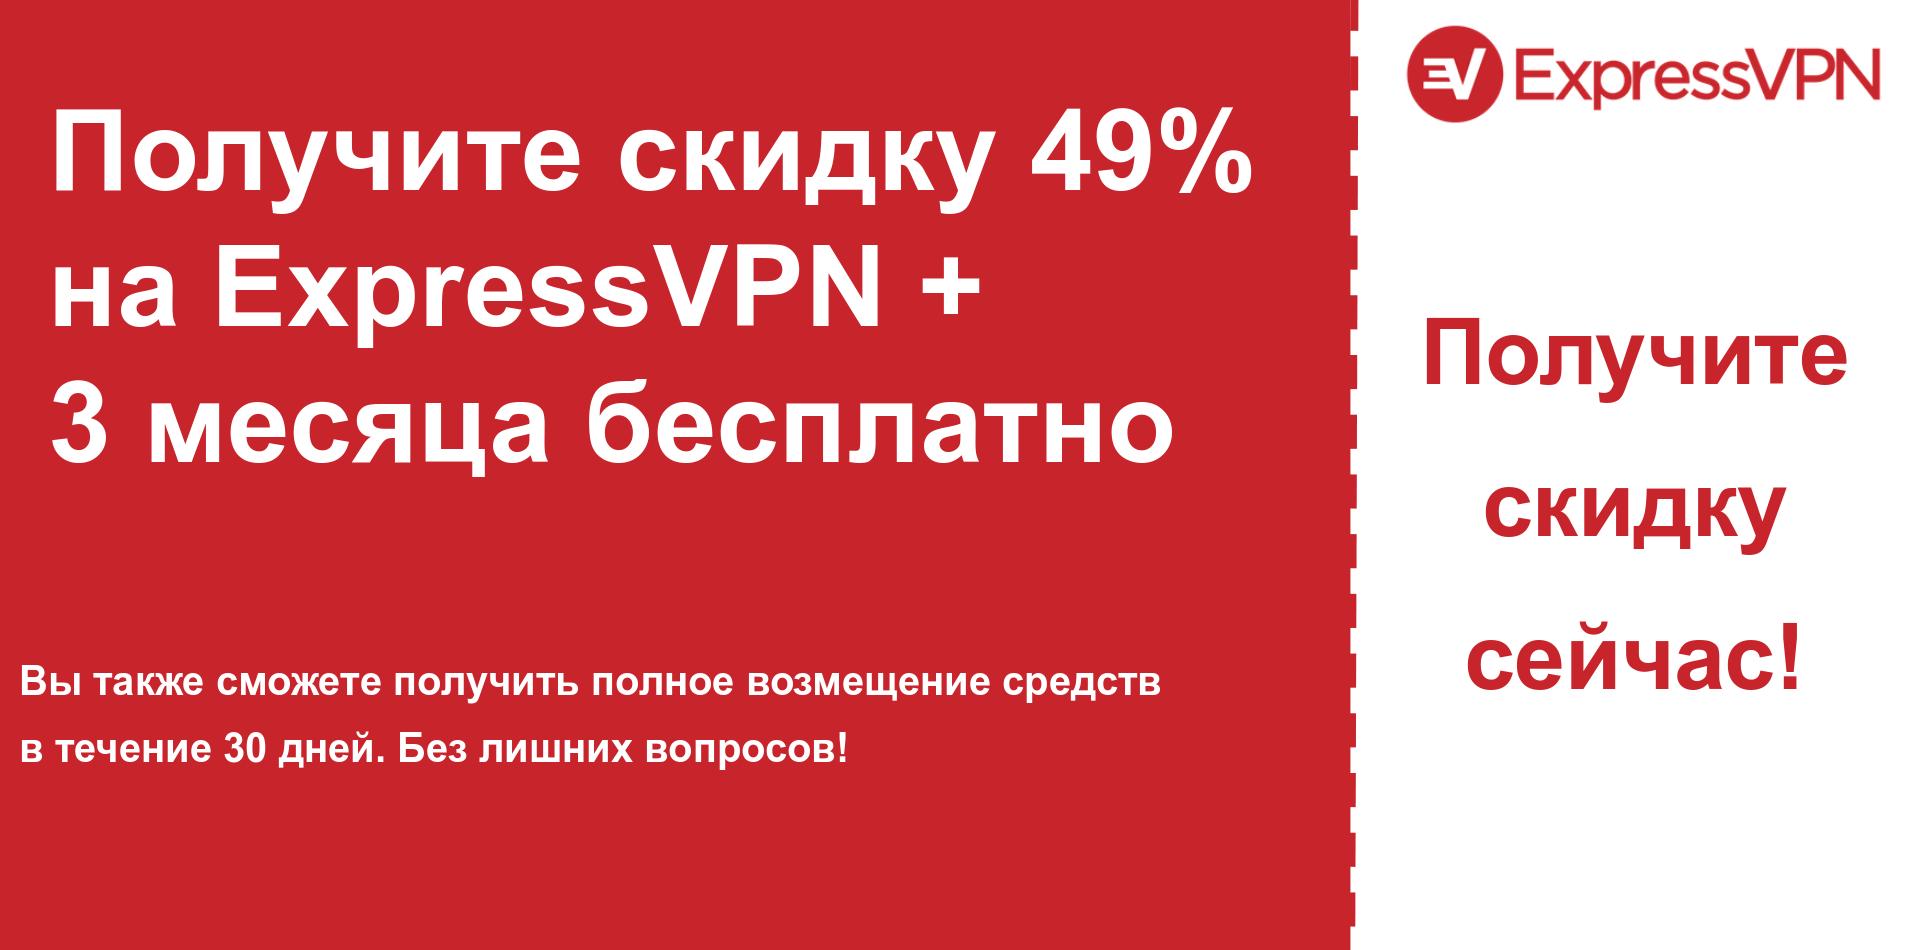 изображение баннера основного купона ExpressVPN с 49% скидкой